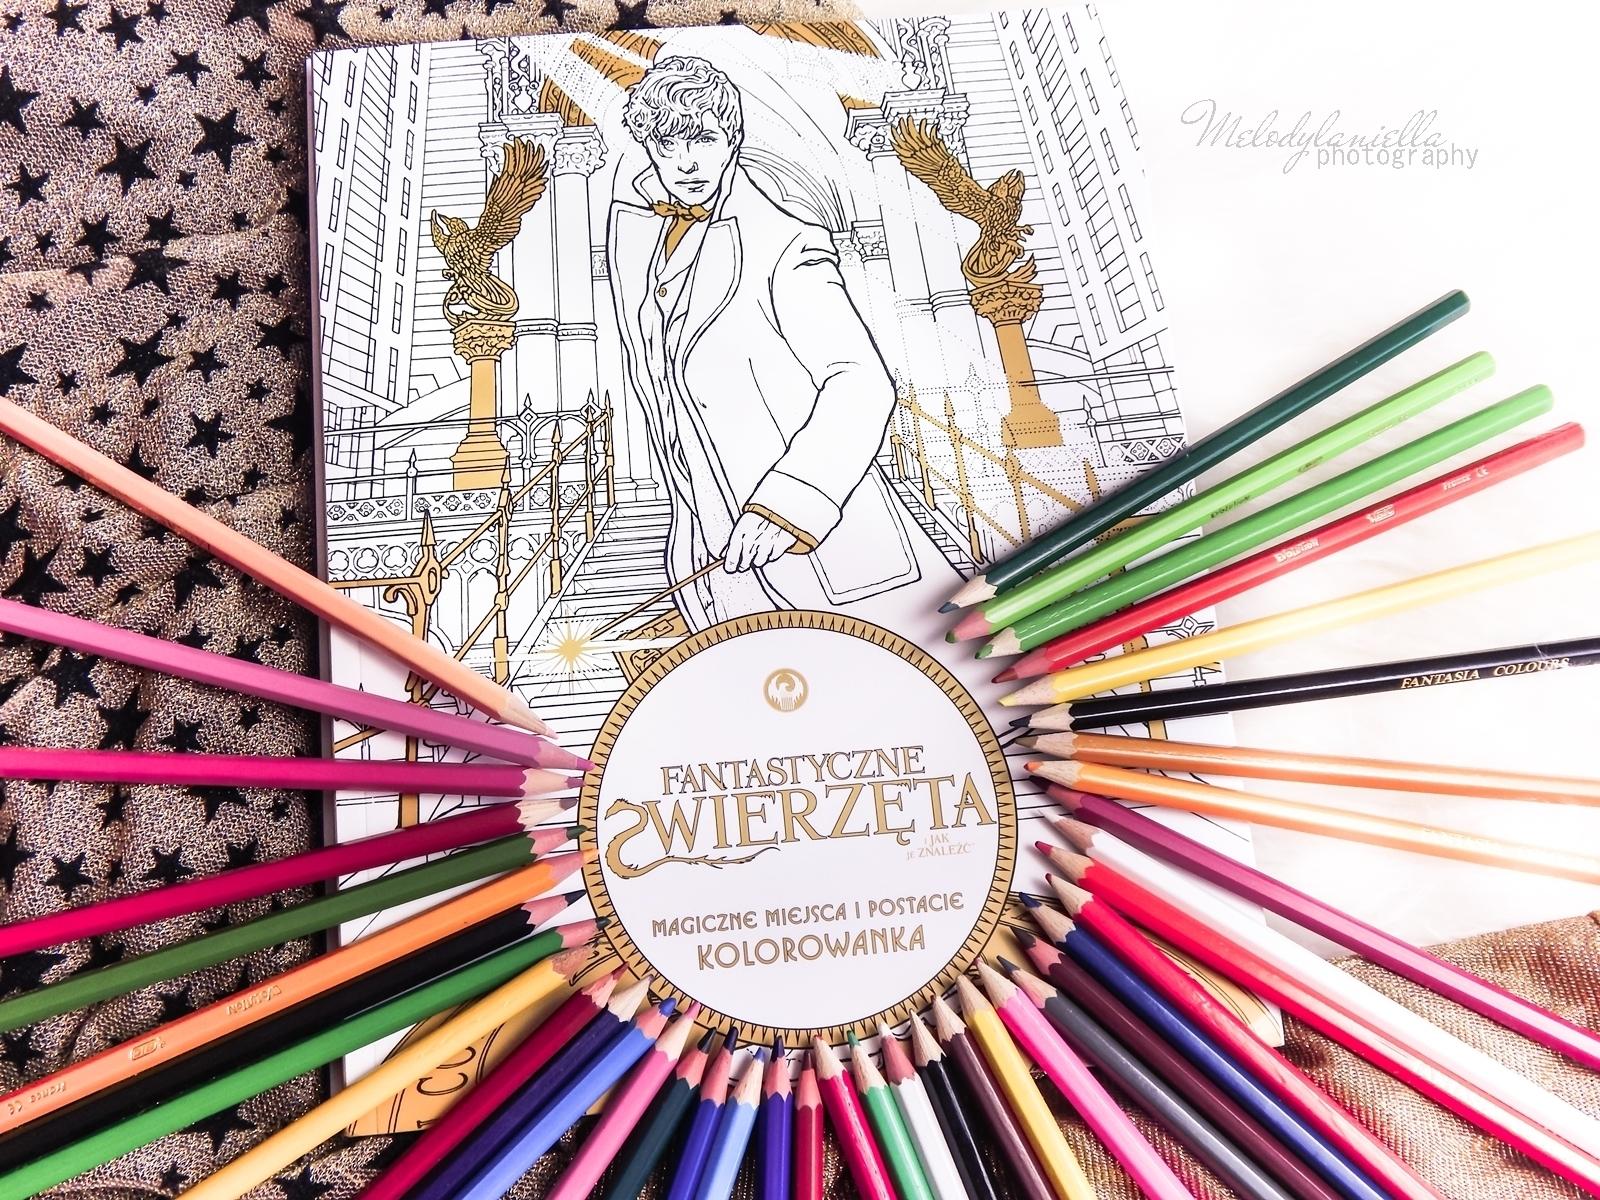 11  Konkurs ! Do wygrania 6 kolorowanek Fantastyczne zwierzęta i jak je znaleźć Magiczne zwierzęta kolorowanka oraz Magiczne miejsca i postacie kolorowanka. HarperCollins. Melodylaniella harry potter